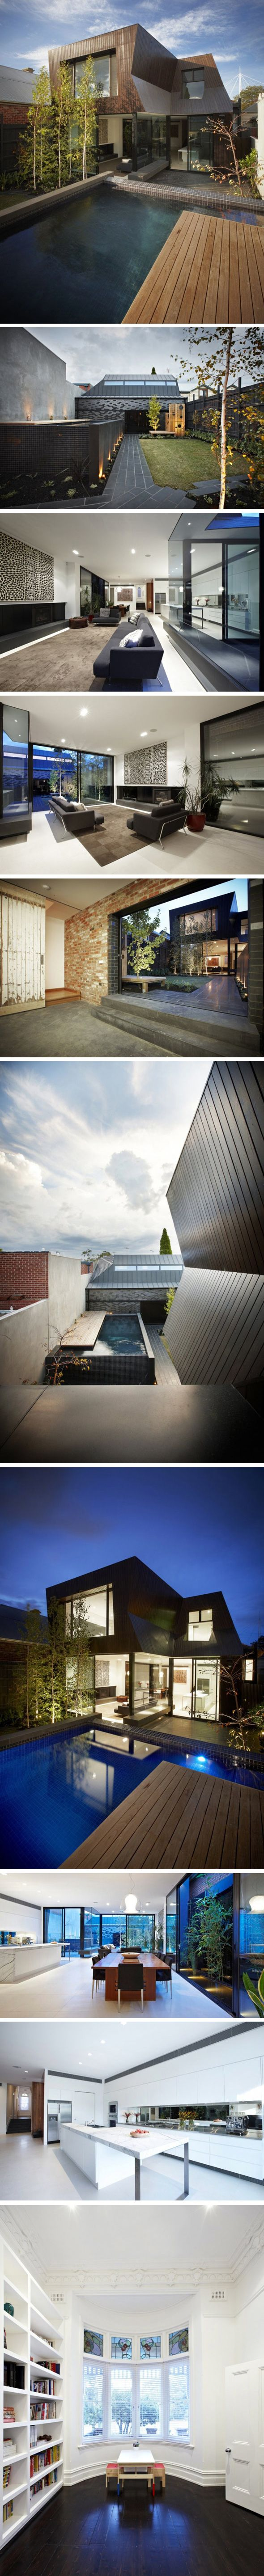 The Enclave House par BKK Architects